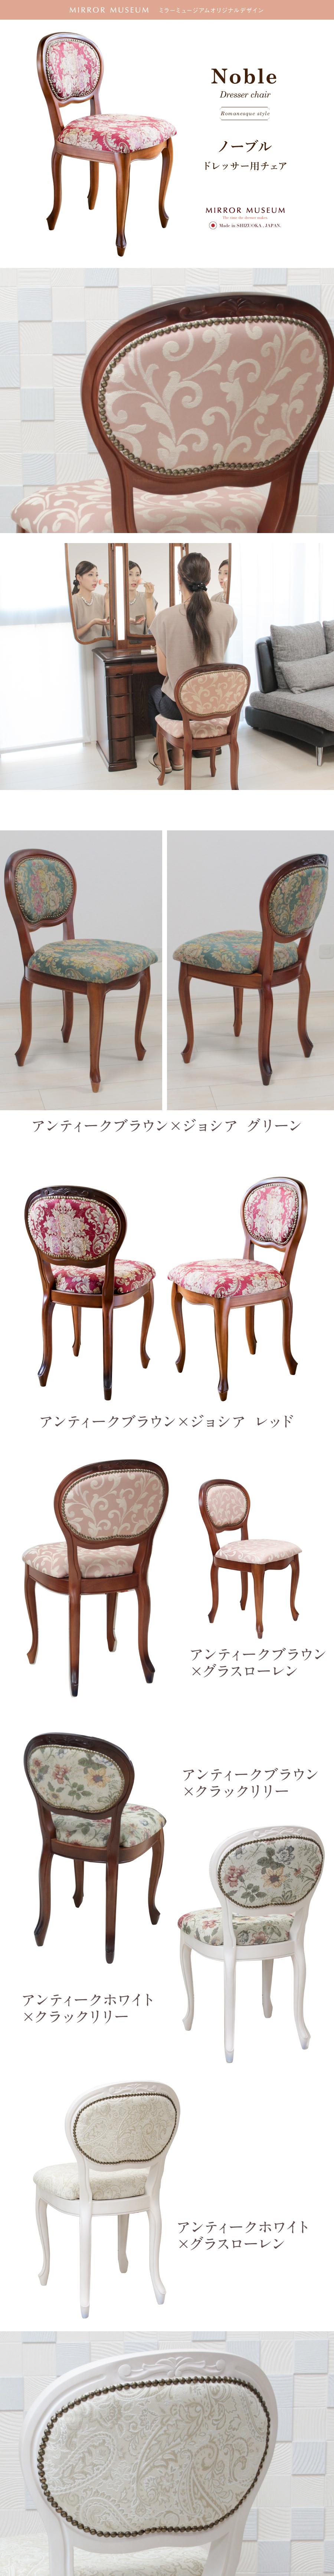 アンティークドレッサーnoble(ノーブル) 工芸品三面鏡収納ドレッサー/椅子のみ